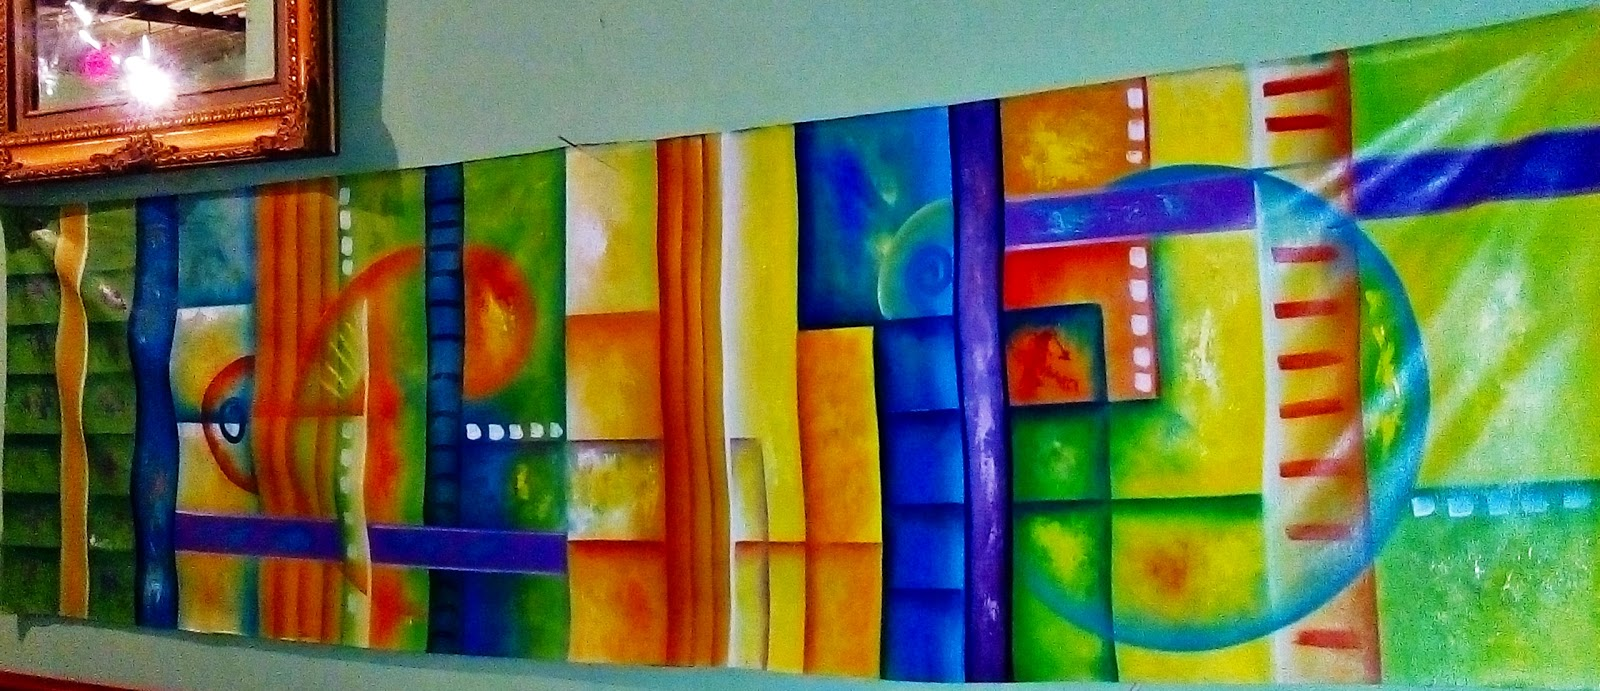 Arte pintura y decoracion de gretty oliveros serie - Arte y decoracion ...